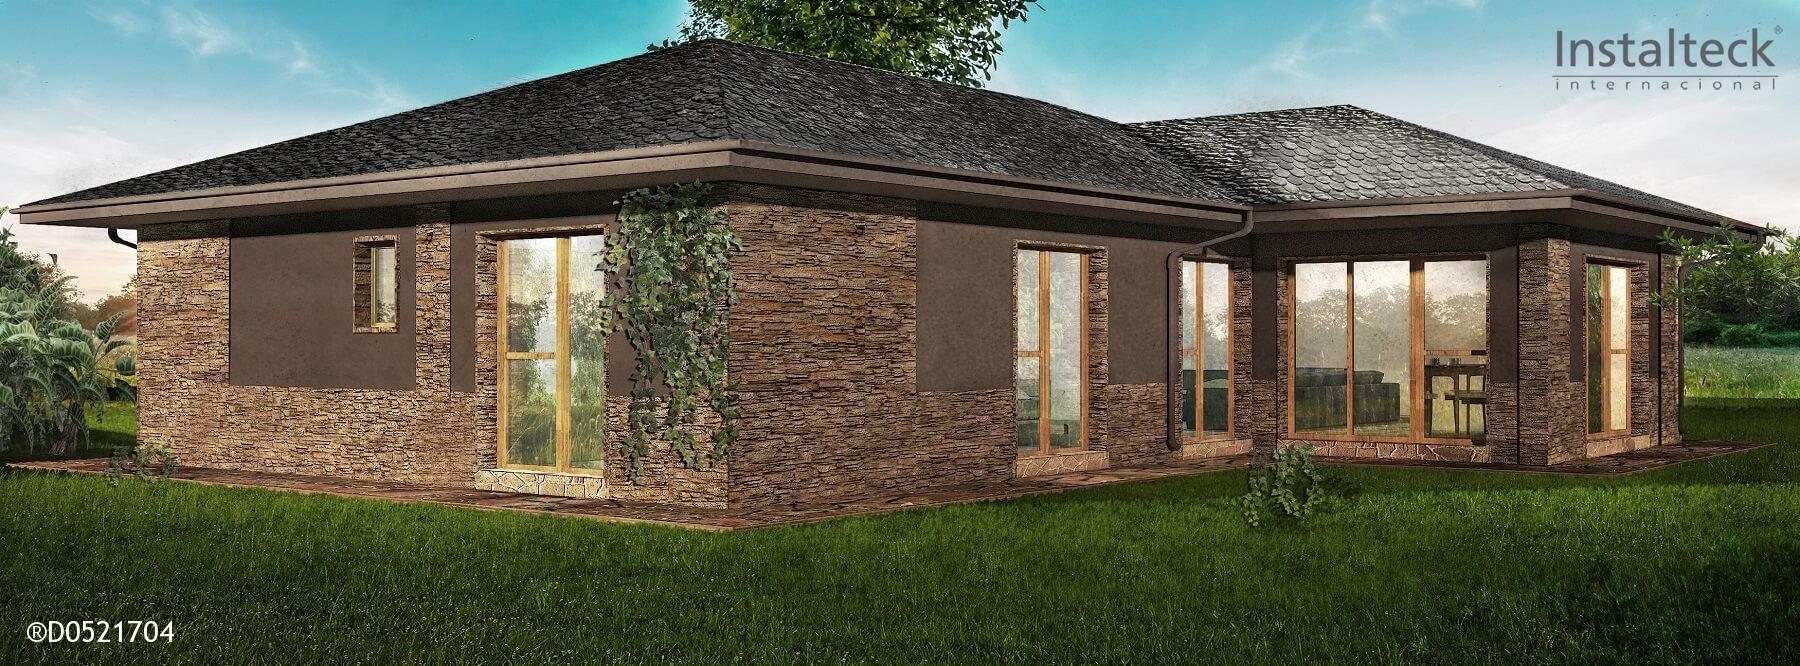 Modelo de casa prefabricada 186. Exterior 1